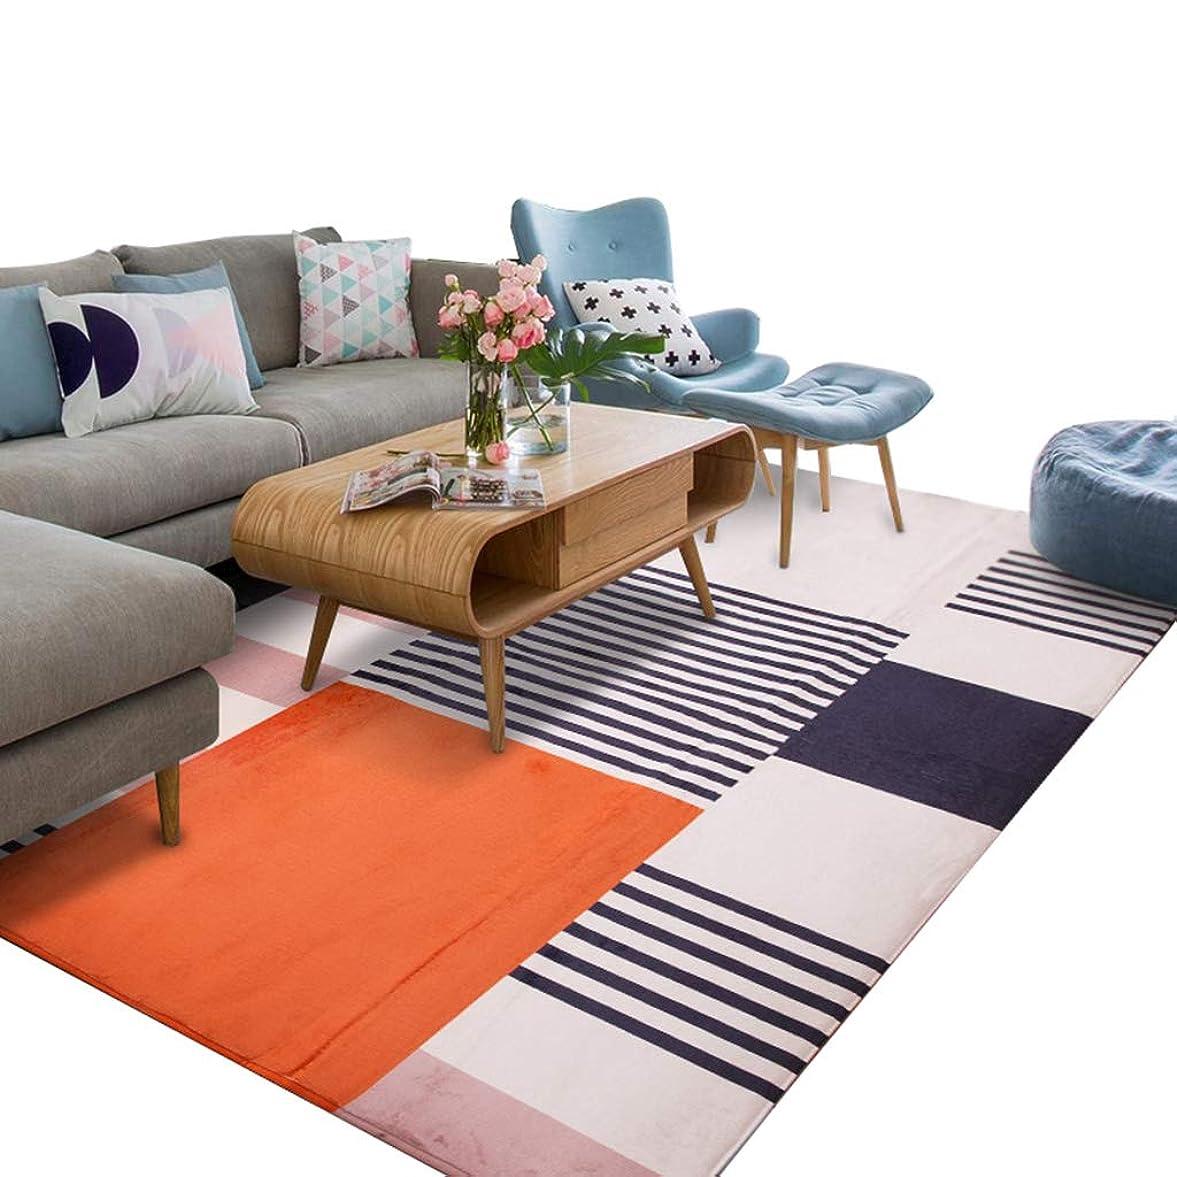 付録いたずらな敬意を表するデザイナーラグノルディックモダンシンプルなリビングルームコーヒーテーブルベッドルームベッドサイドカーペットホーム長方形マット (色 : オレンジ, サイズ さいず : 120*180cm)